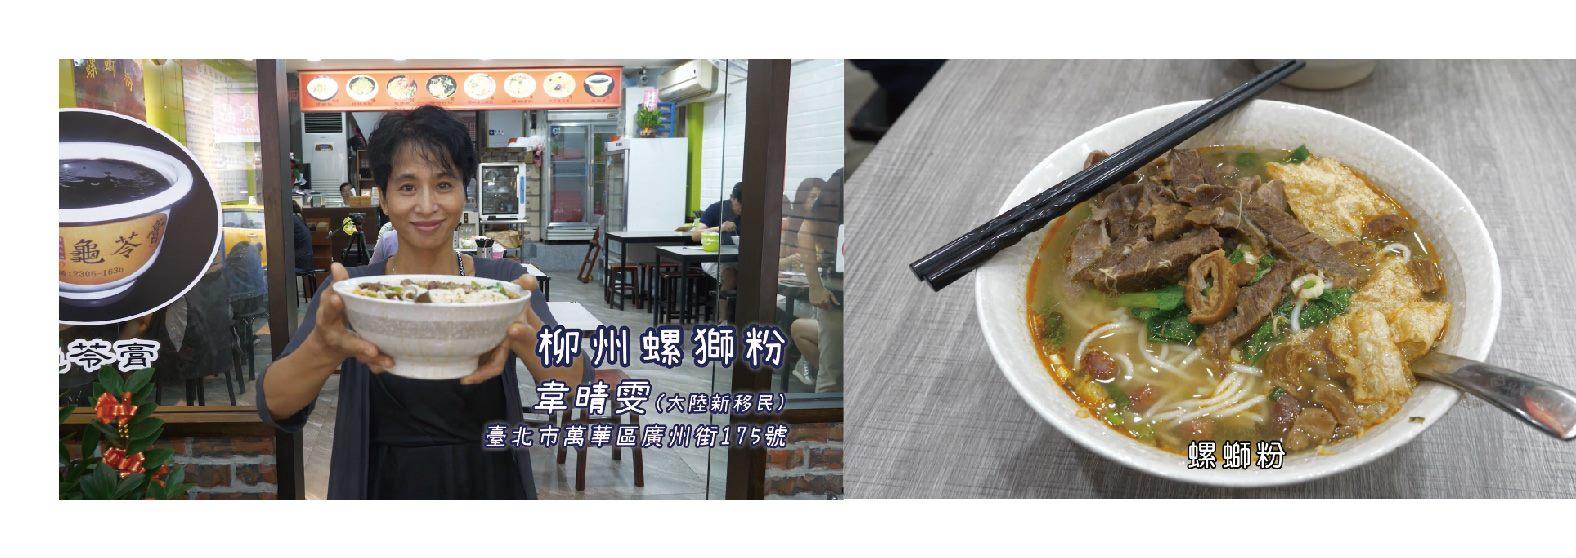 Tiệm ăn Liễu Châu